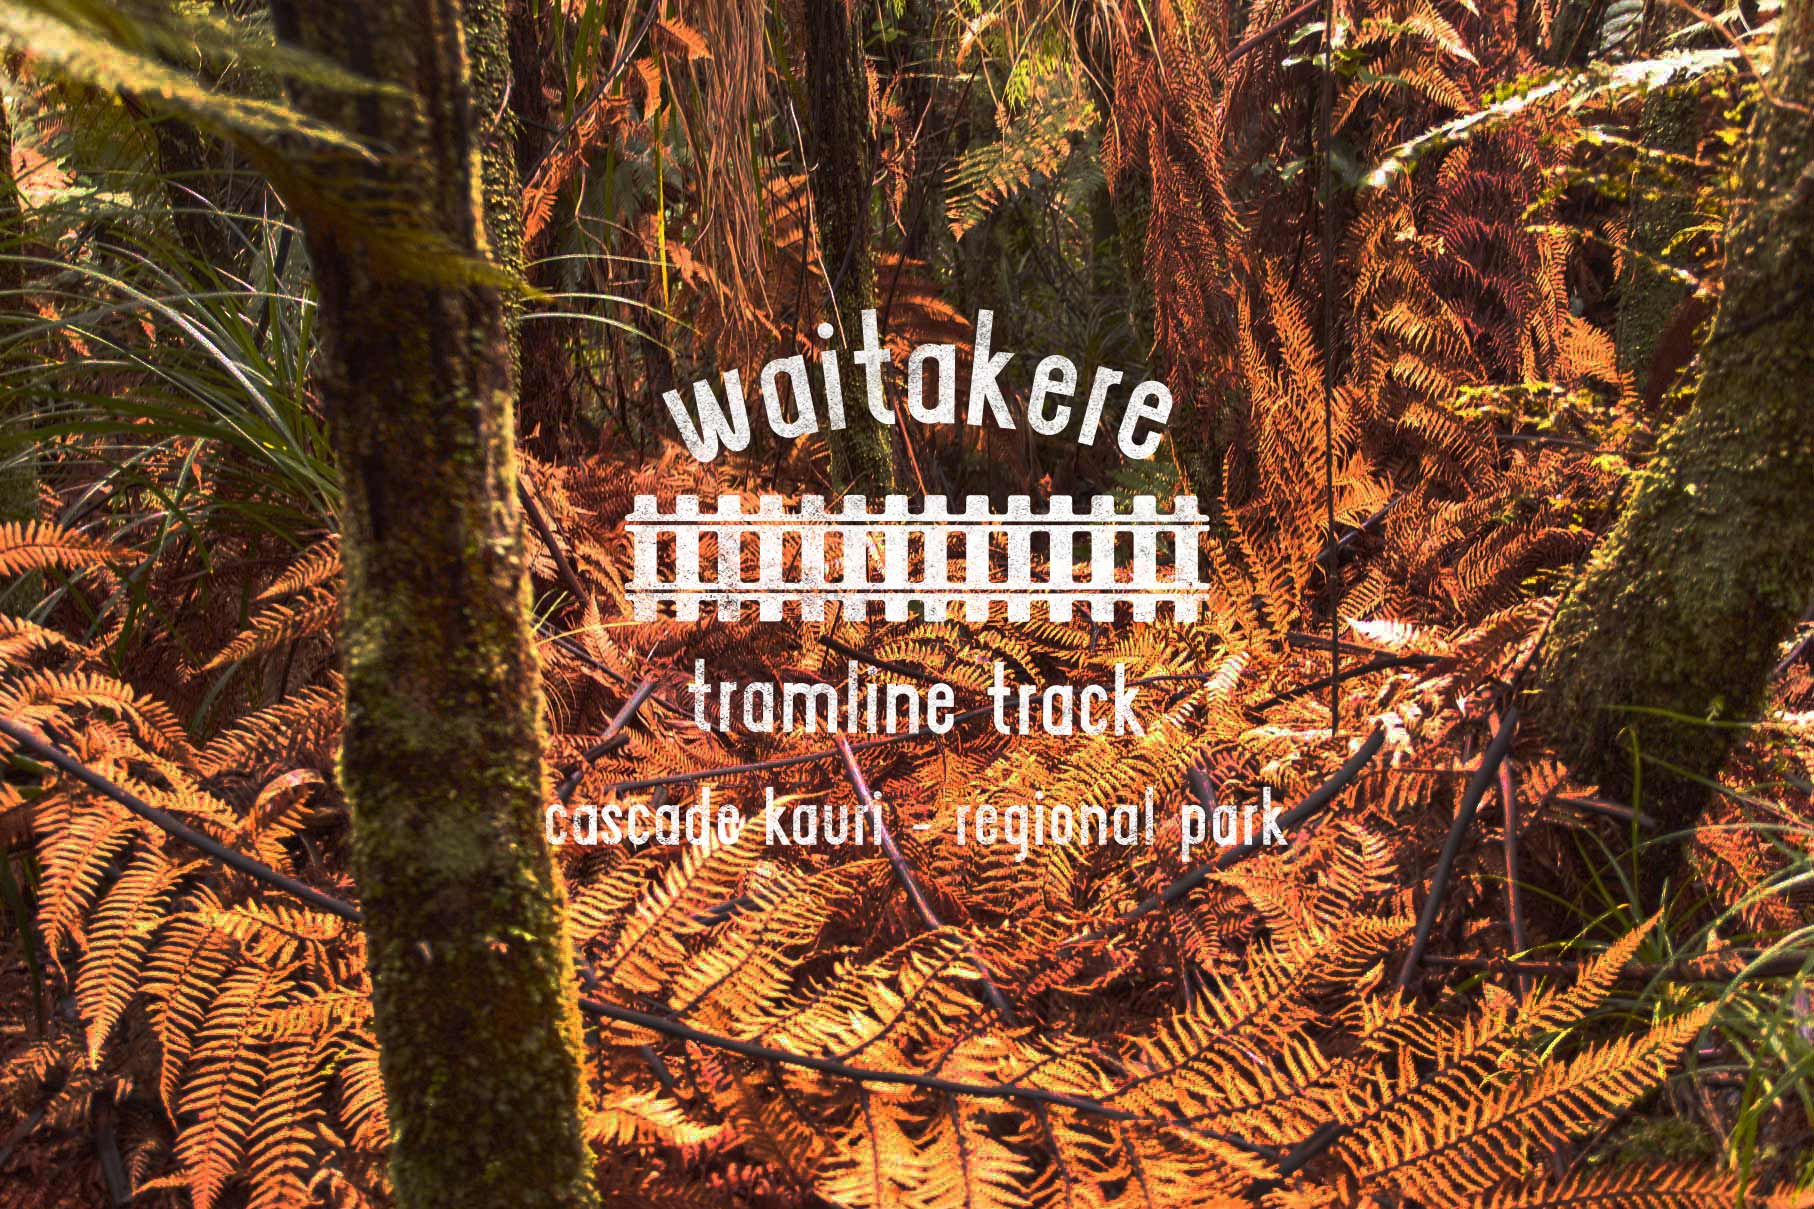 waitakere-tramline11.jpg